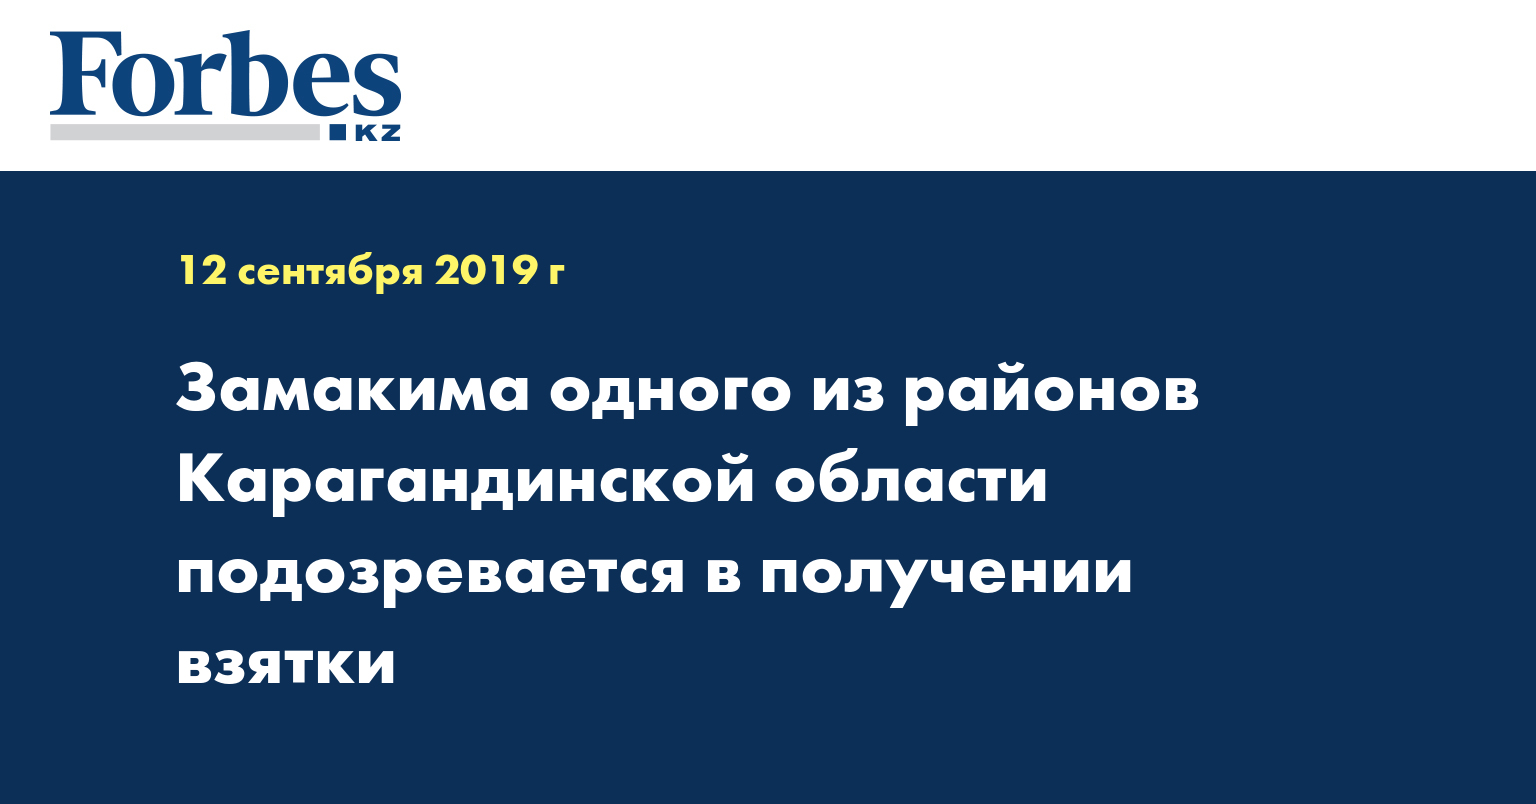 Замакима одного из районов Карагандинской области подозревается в получении взятки